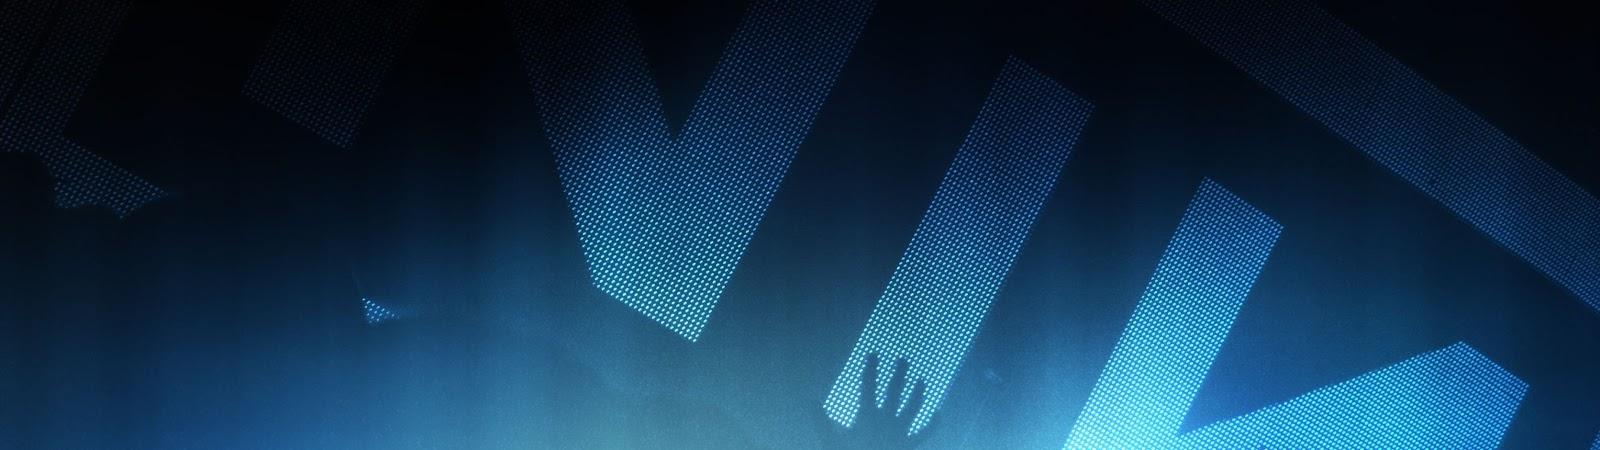 Multi Monitor Wallpaper